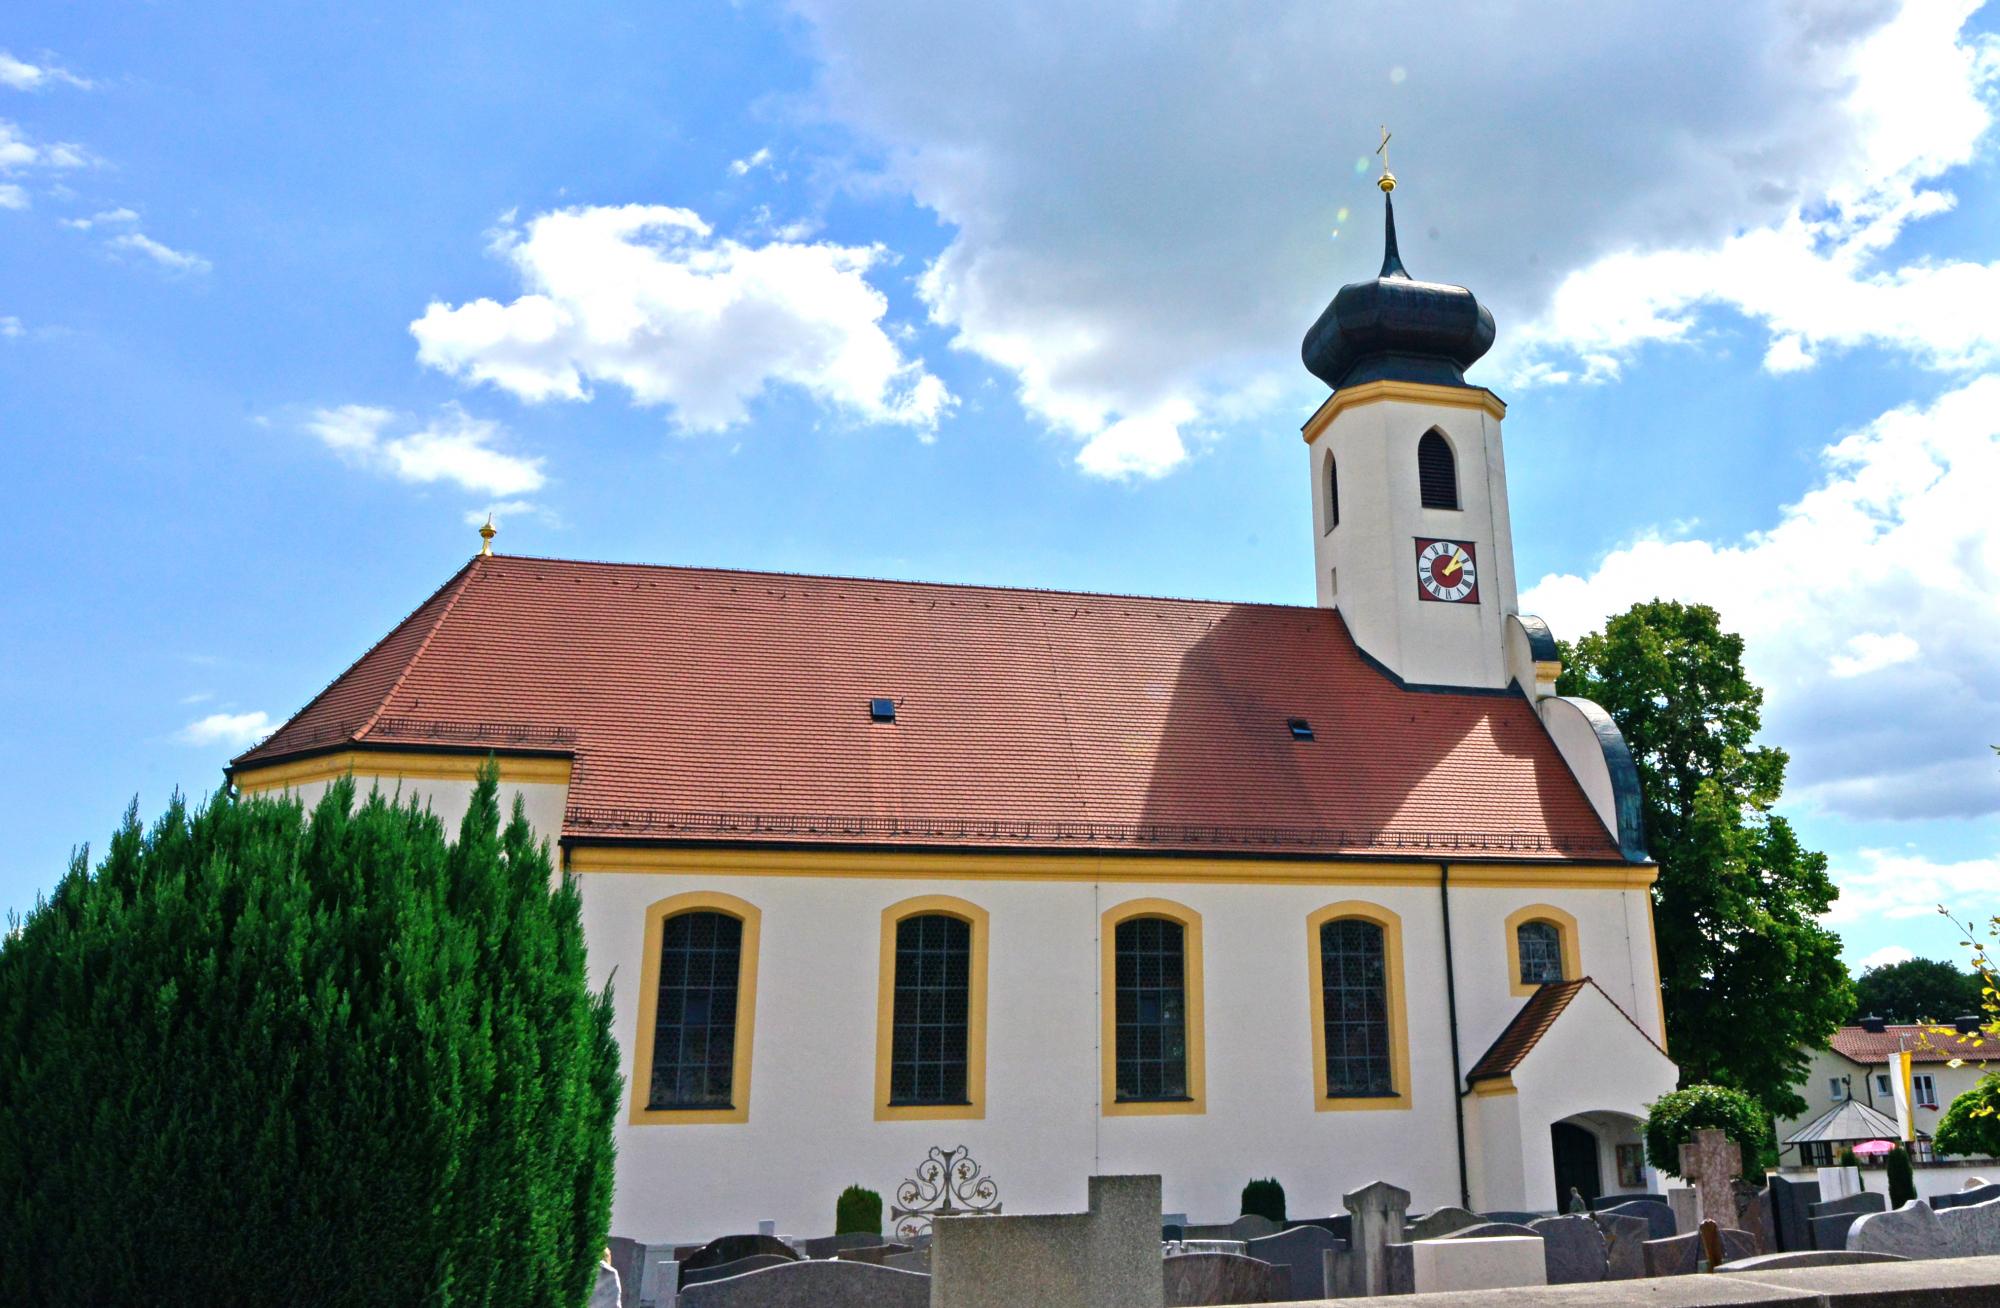 Kirche Zur heiligen Familie PV Feichten